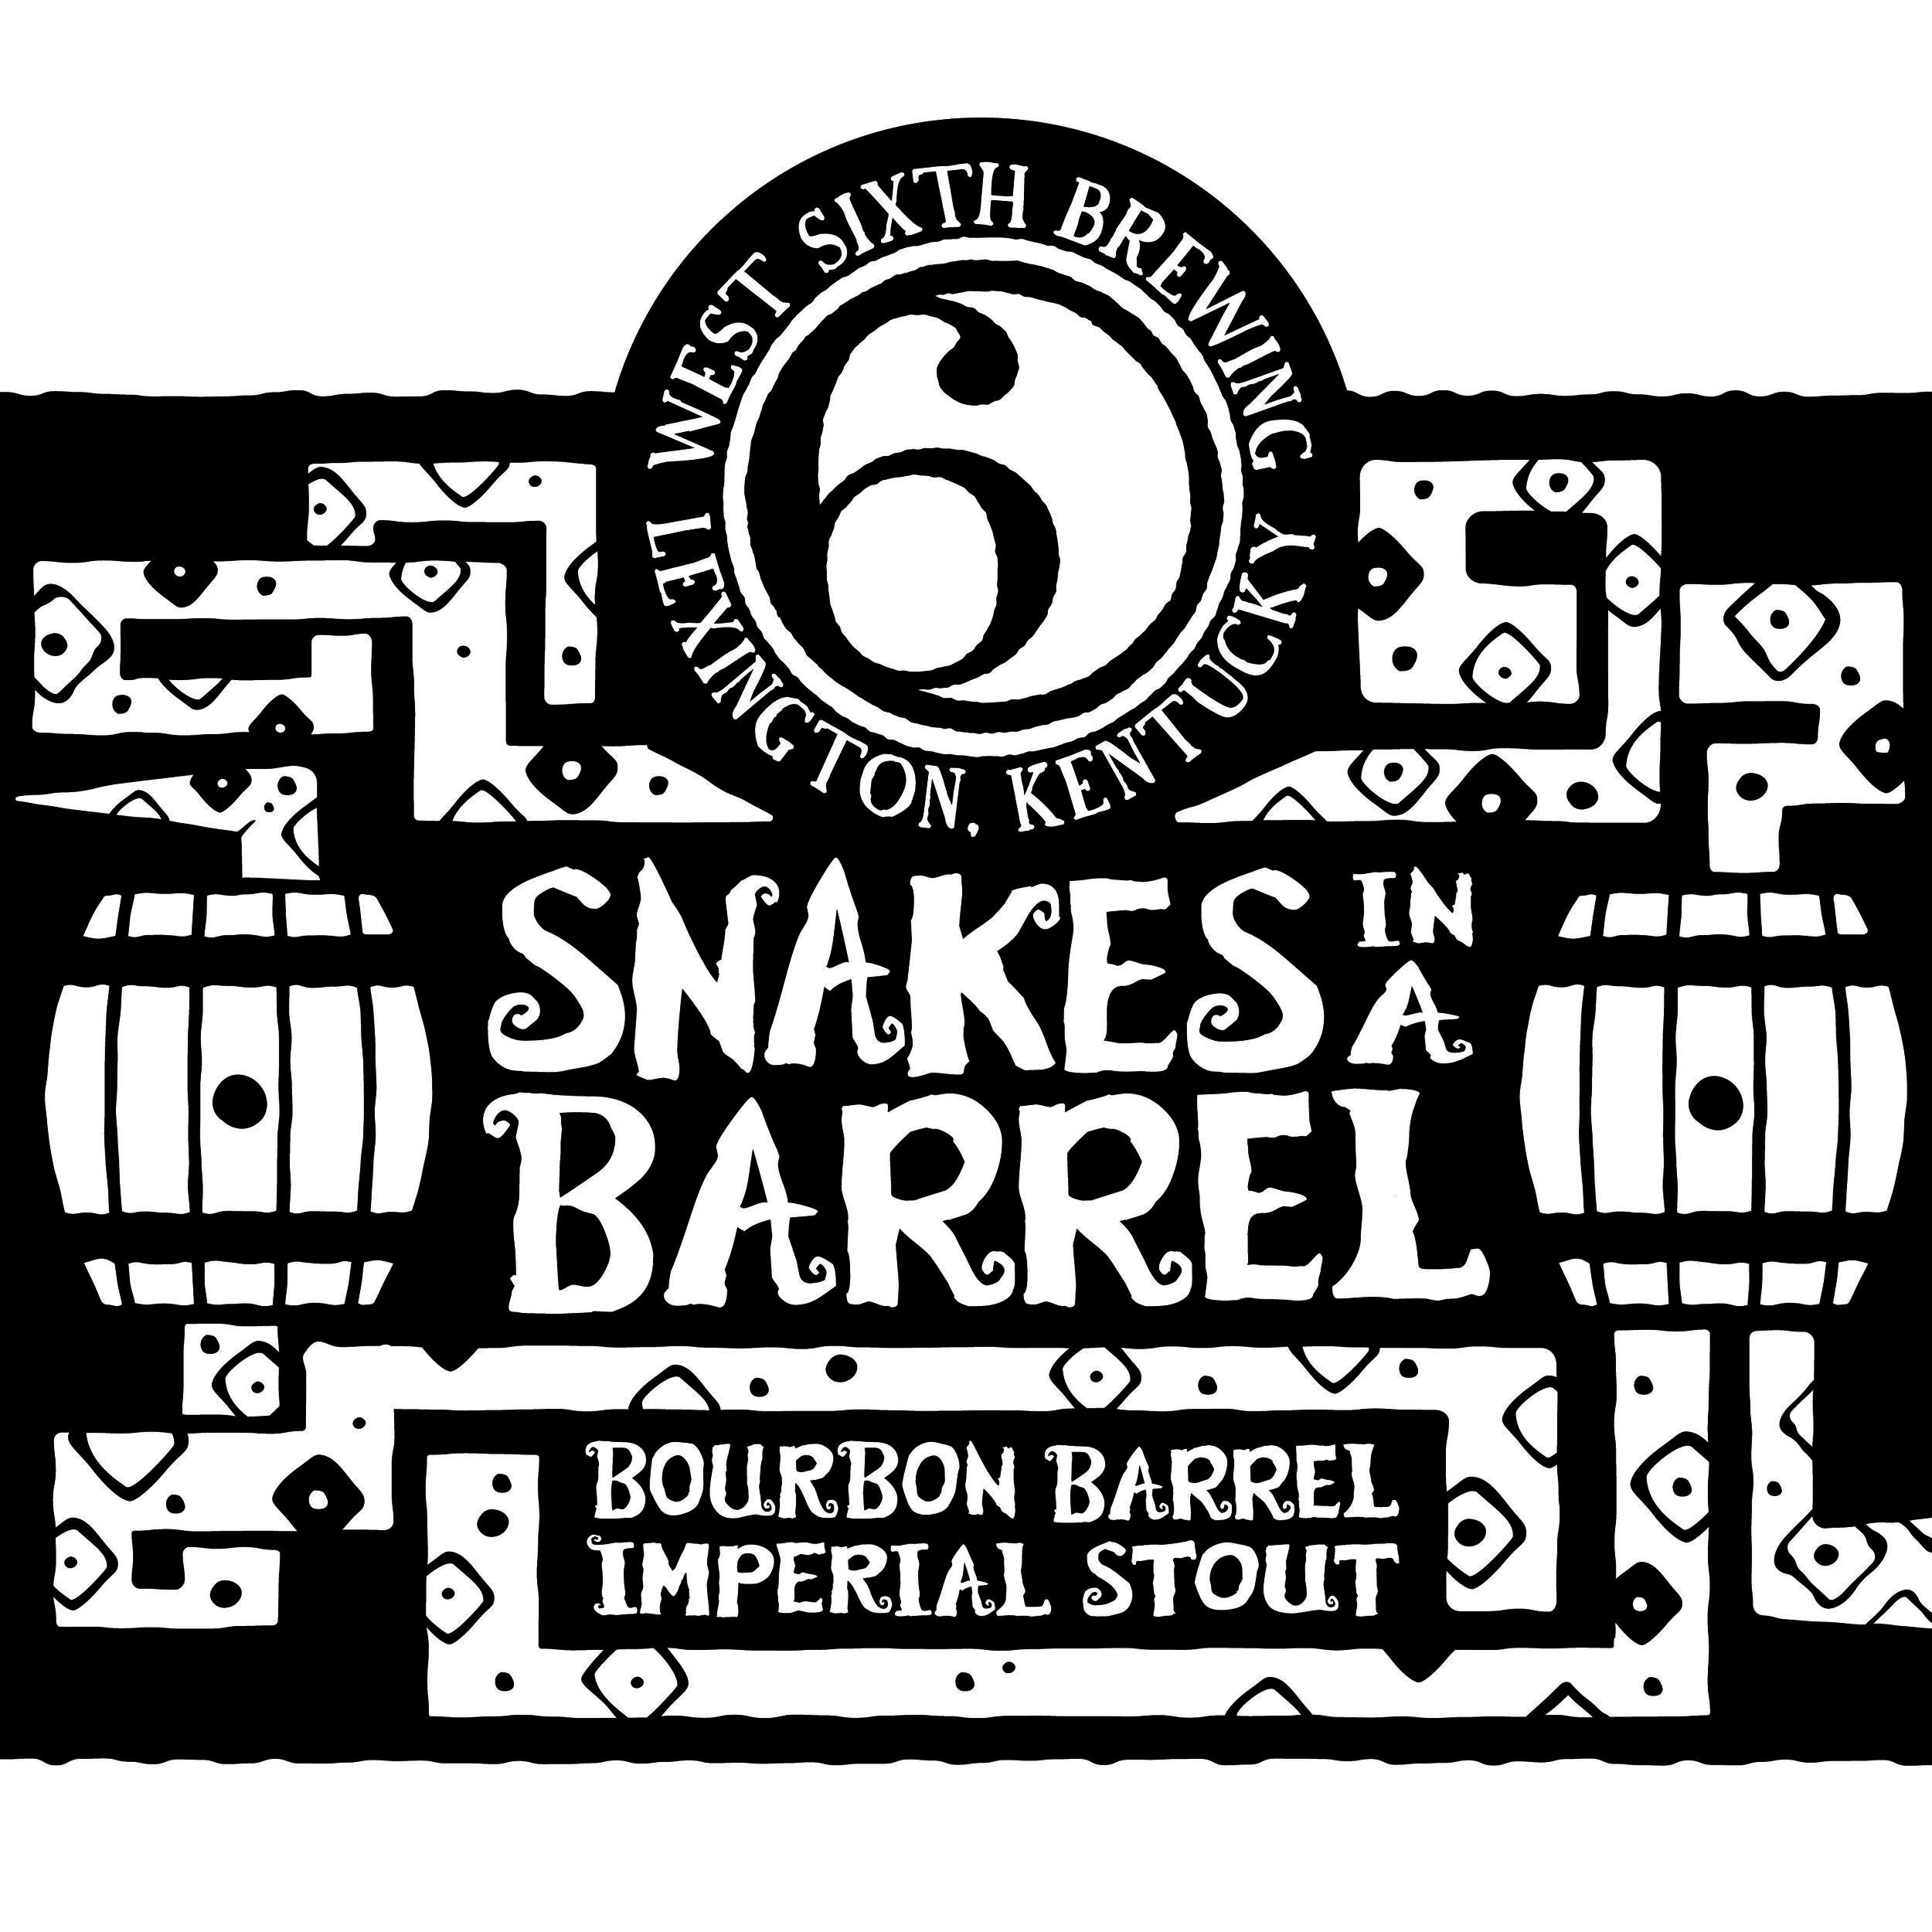 Website Bottle_Snakes in a Barrel-01.jpg